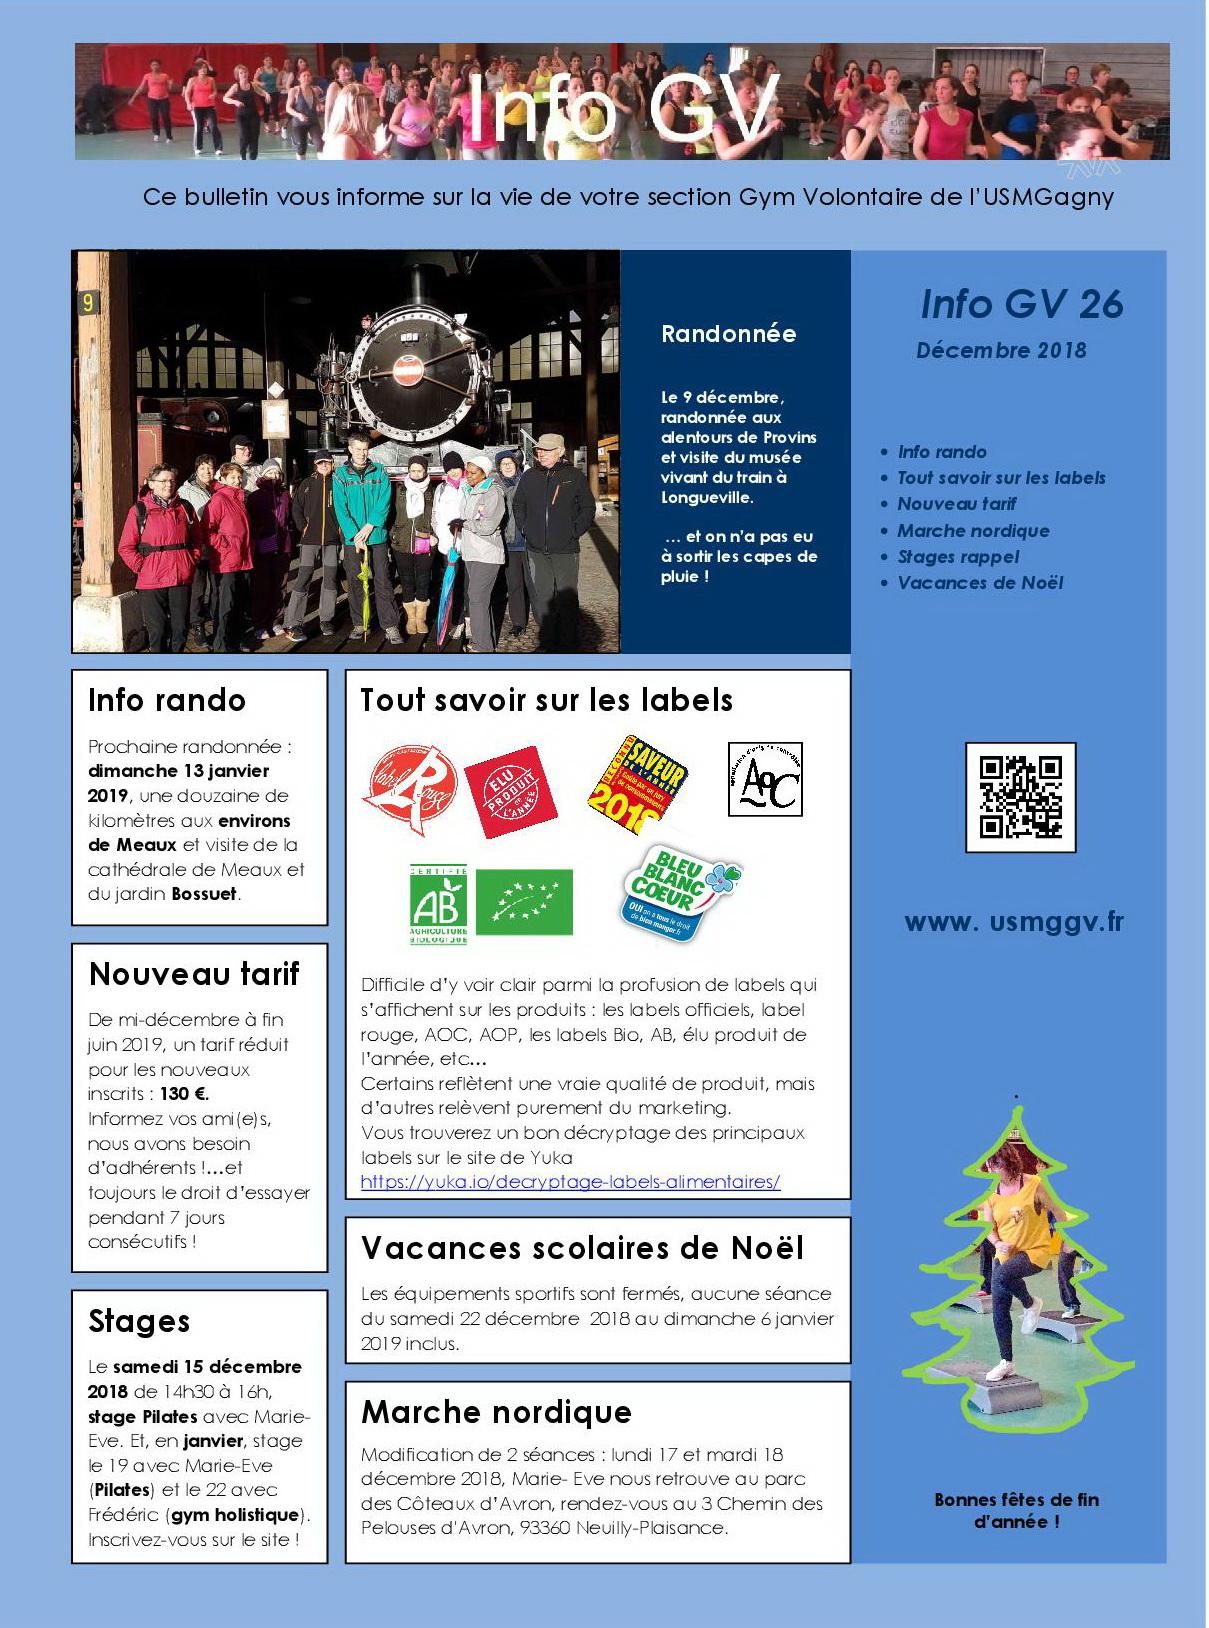 Info gv 26